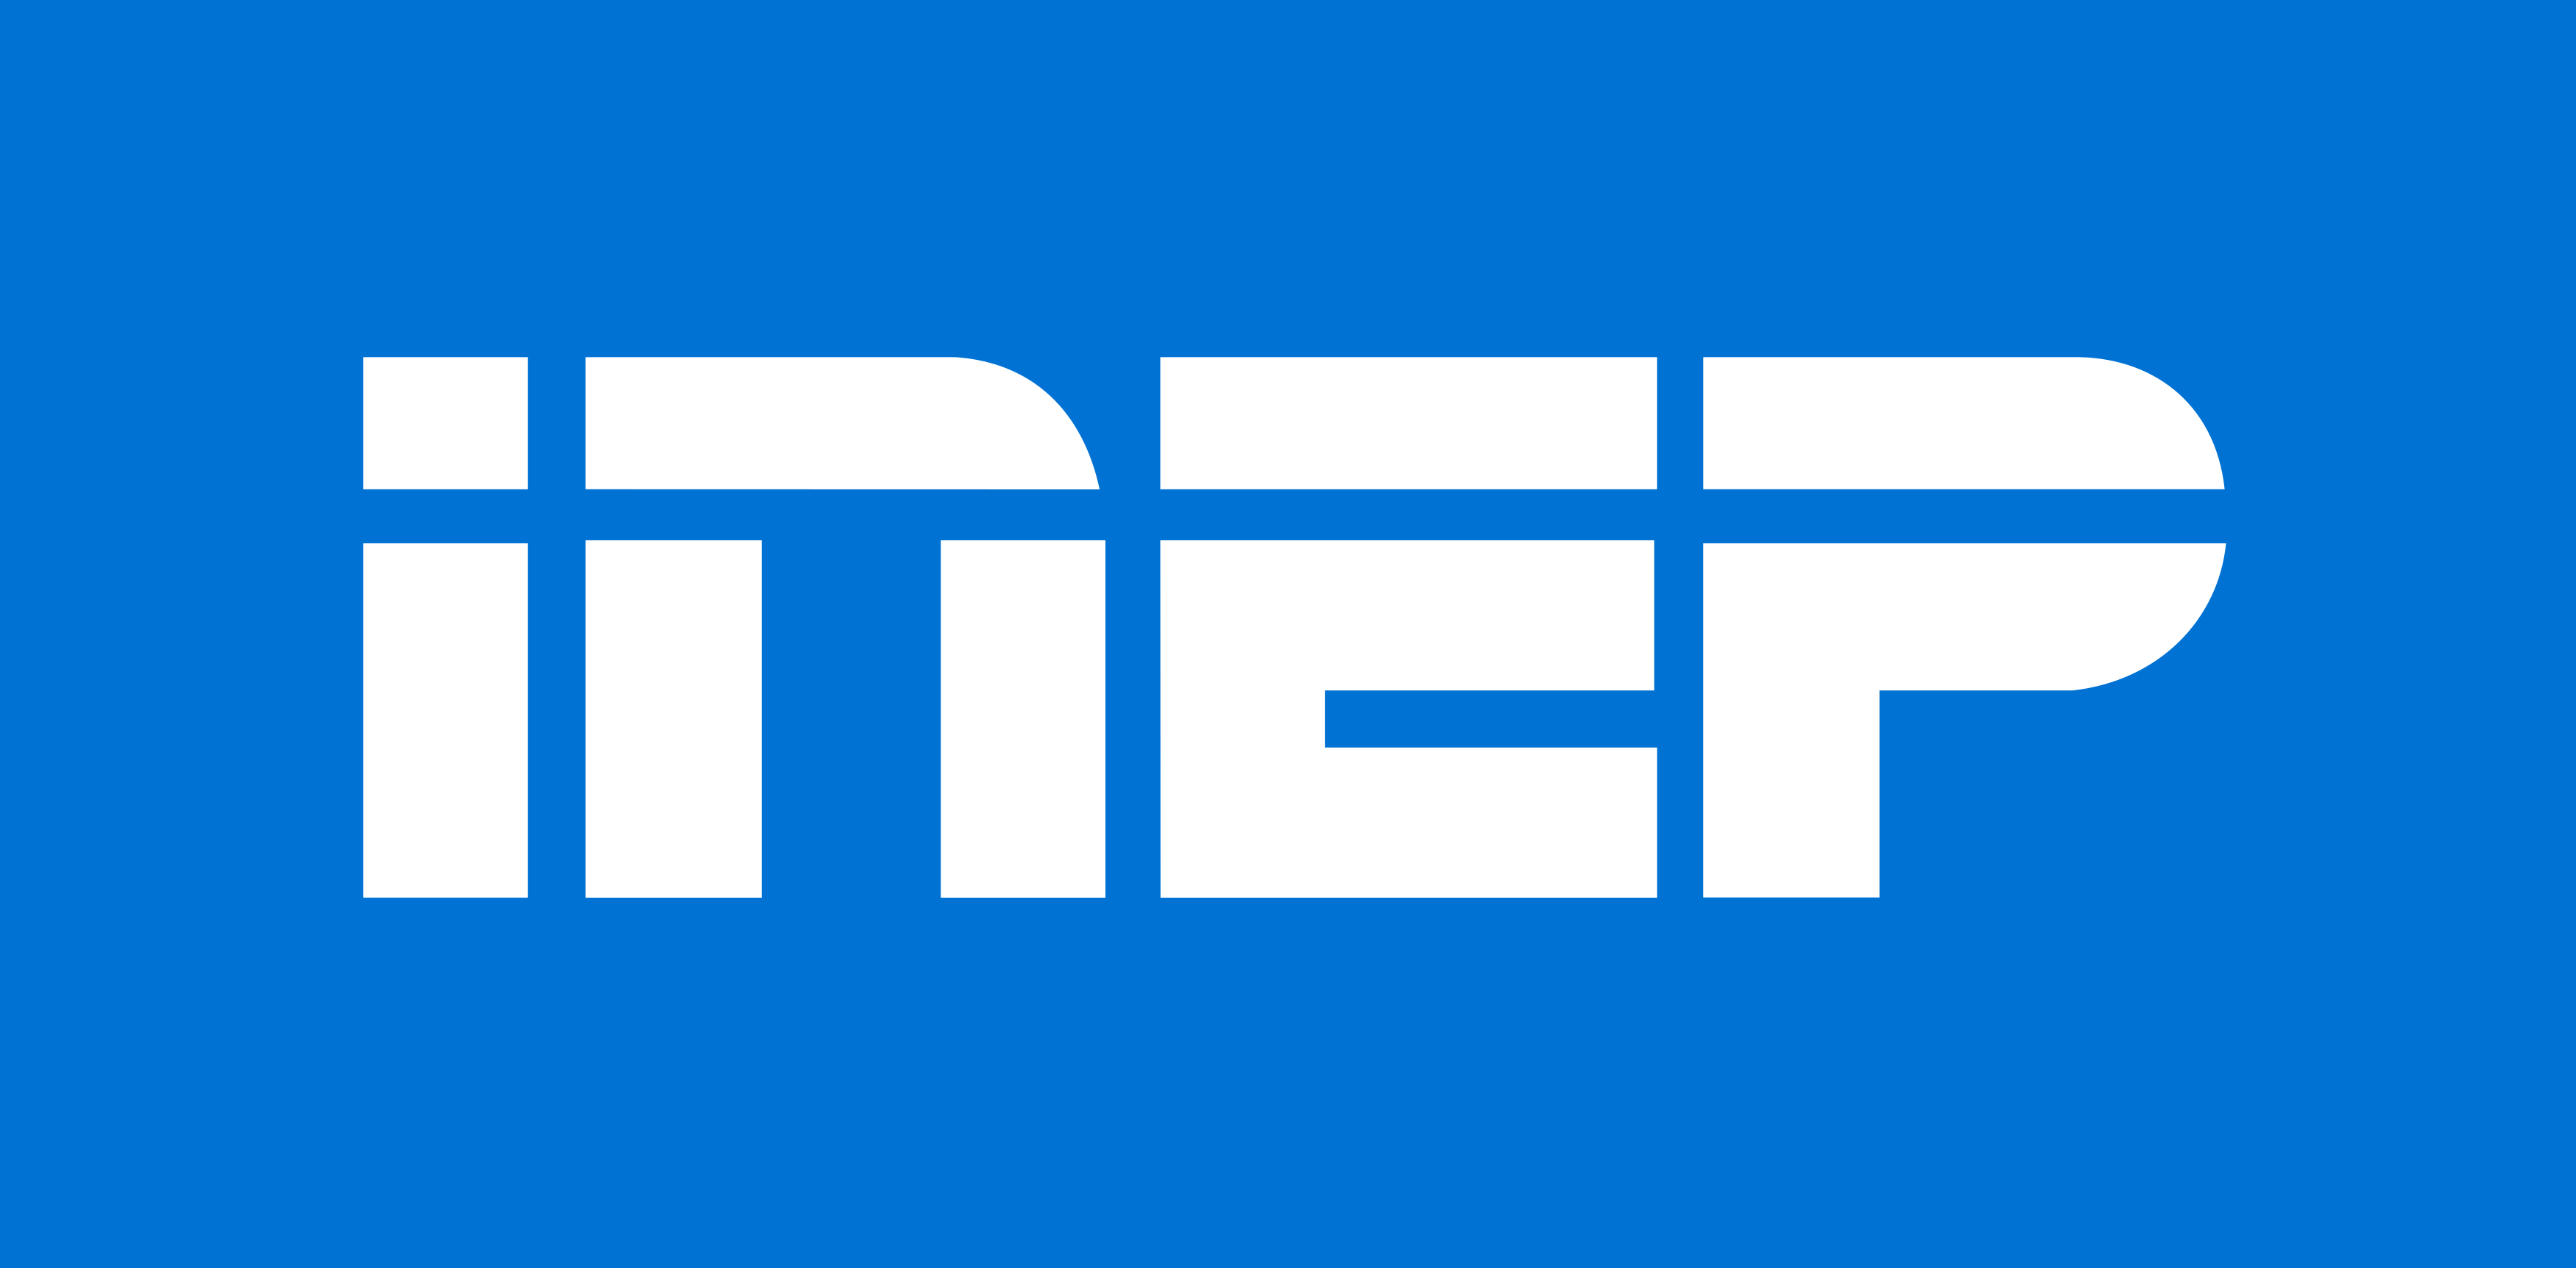 Inep Logo, Instituto Nacional de Estudos e Pesquisas logo.